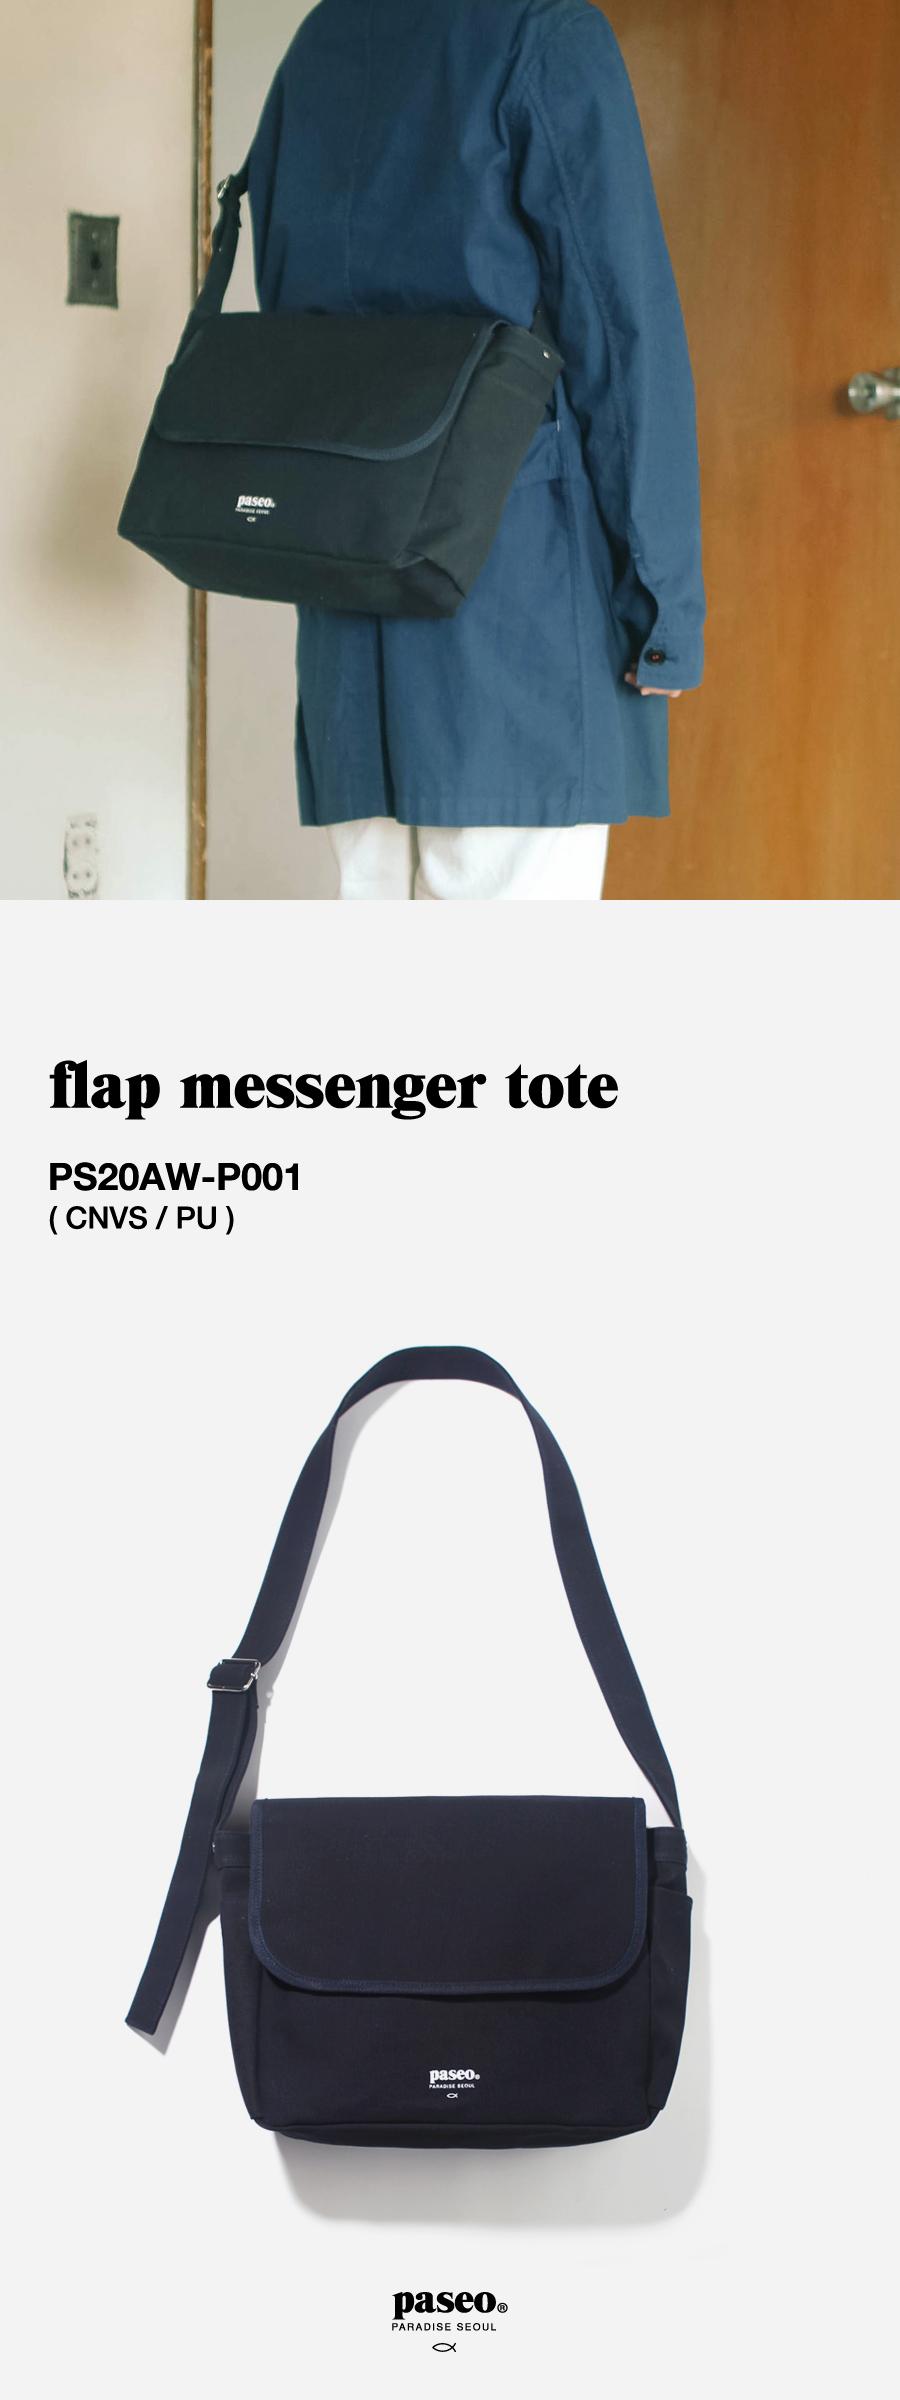 플랩 메신저 토트-네이비